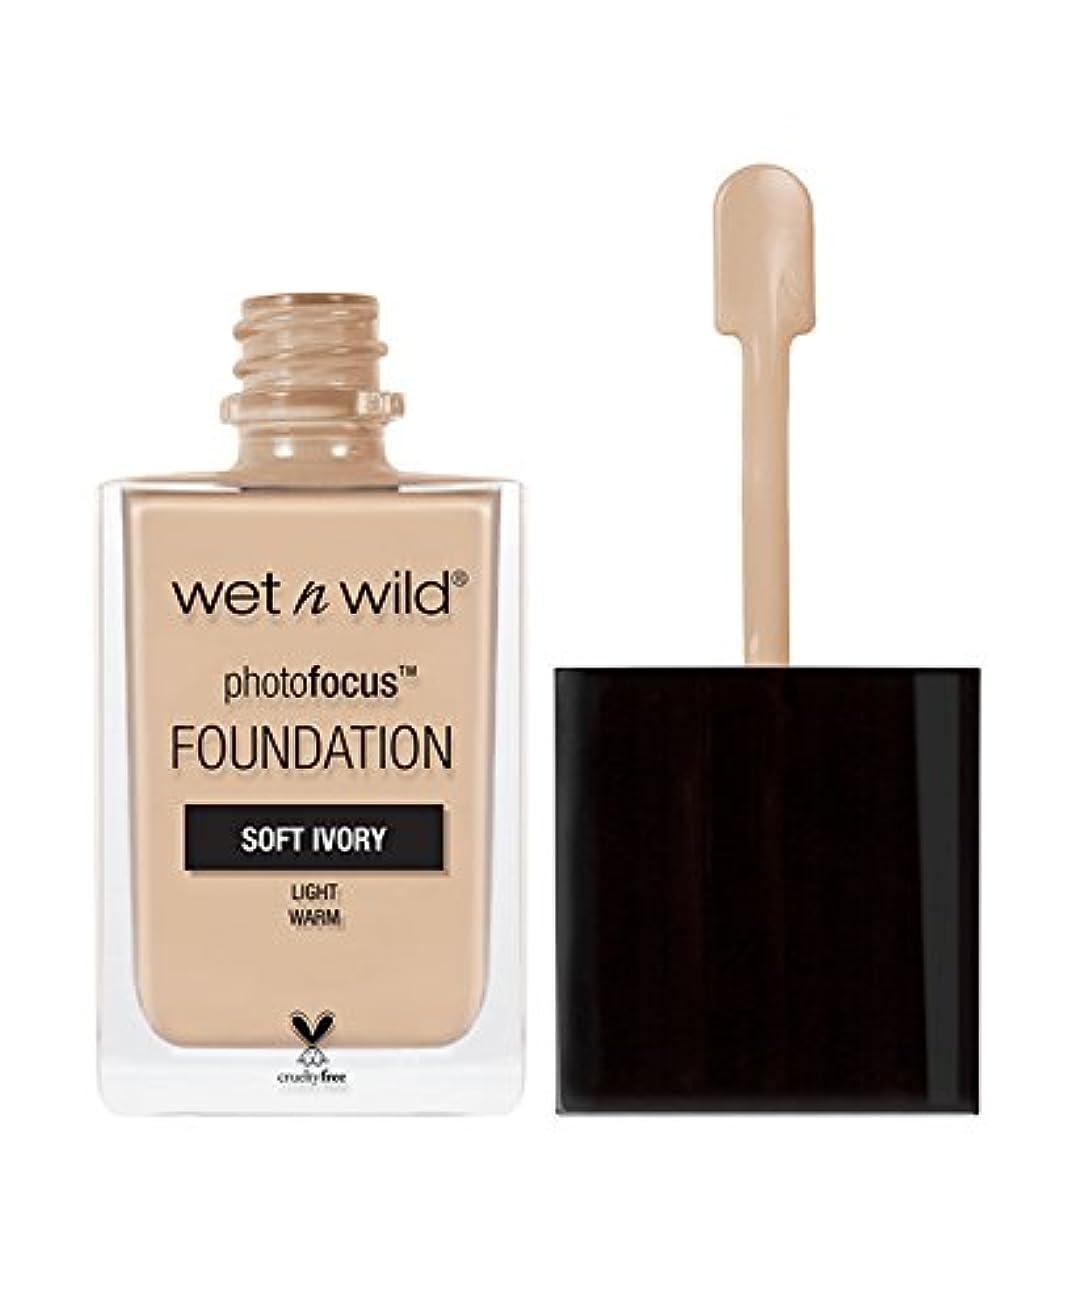 みなすマーティンルーサーキングジュニア人事WET N WILD Photo Focus Foundation - Soft Ivory (並行輸入品)